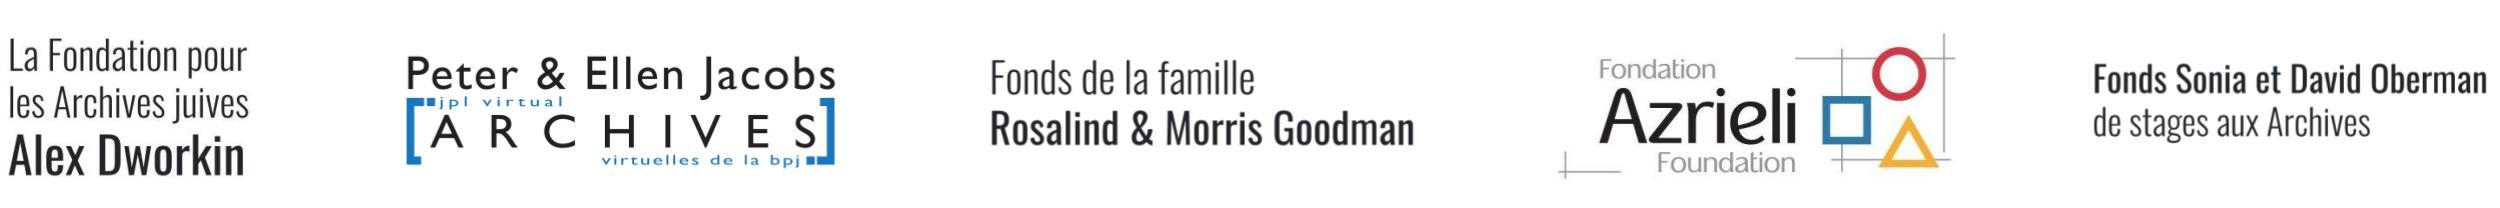 Logos des principaux donateurs de l'Archive